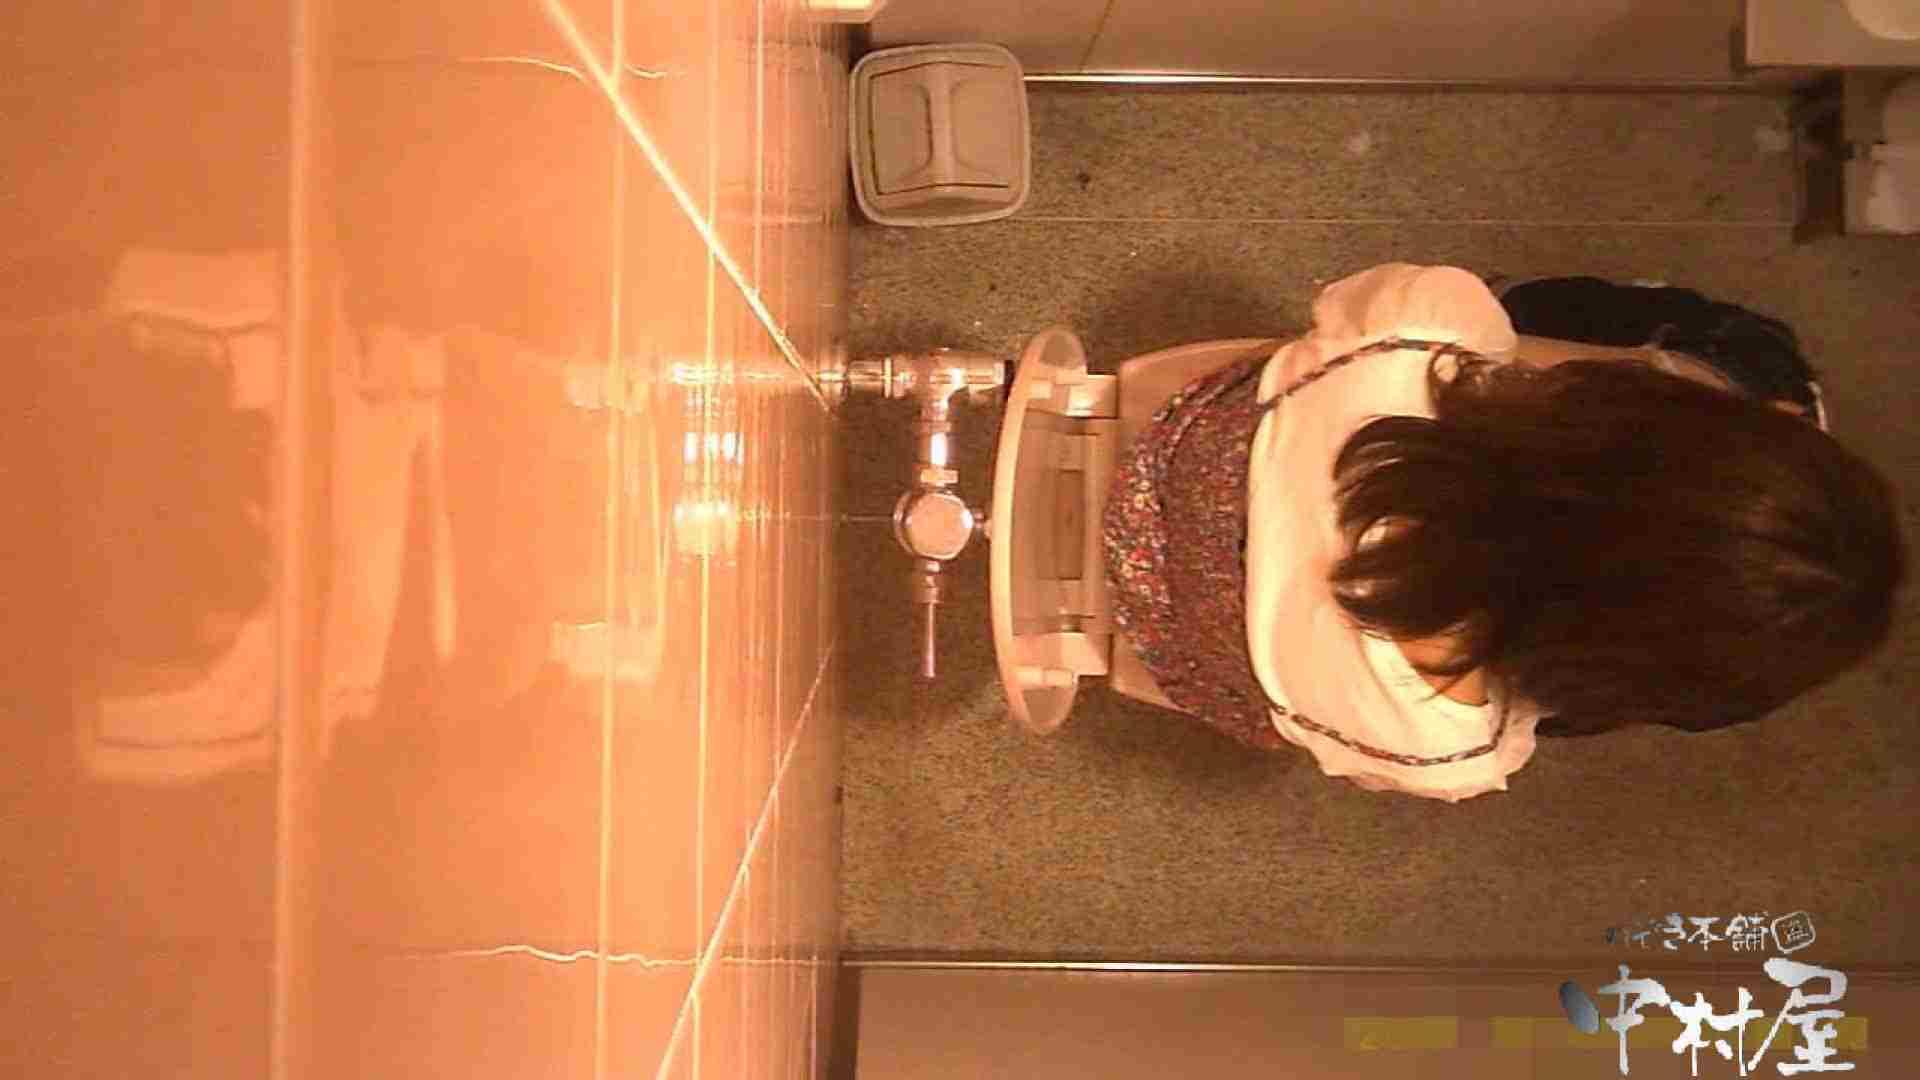 初盗撮!女盗撮師カレンさんの 潜入!女子トイレ盗撮!Vol.2 美しいOLの裸体 | 盗撮師作品  77pic 25